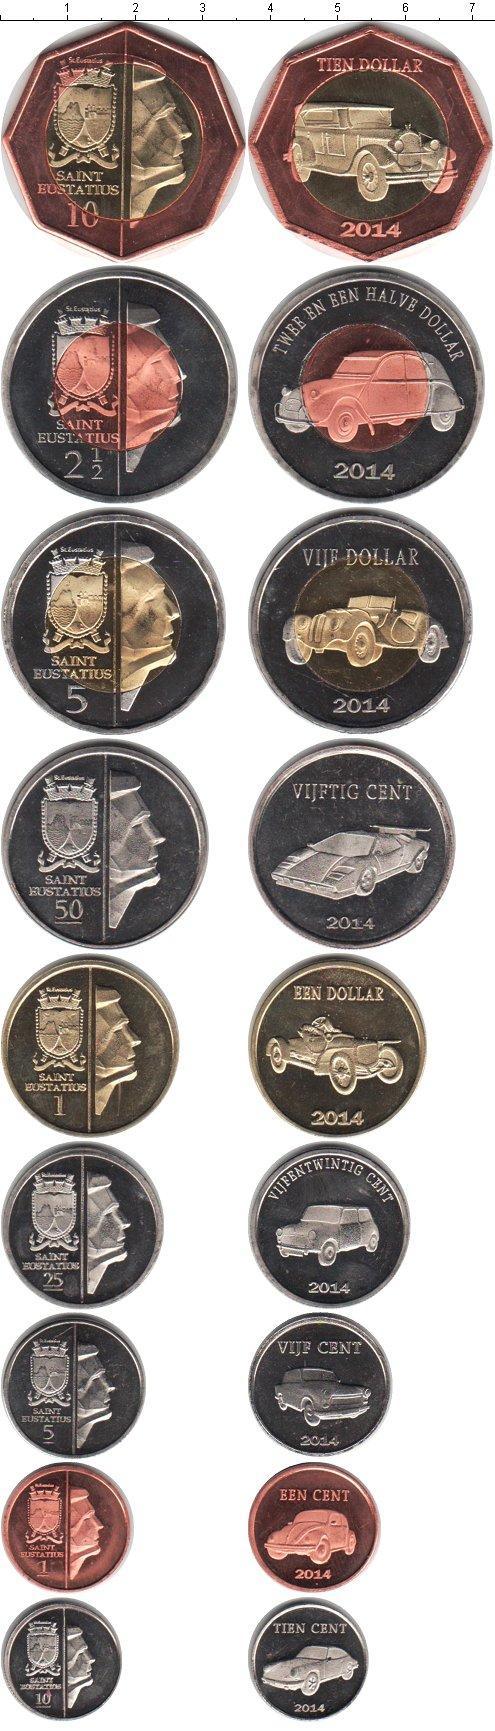 Каталог монет - Остров Святого Евстафия Остров Святого Евстафия